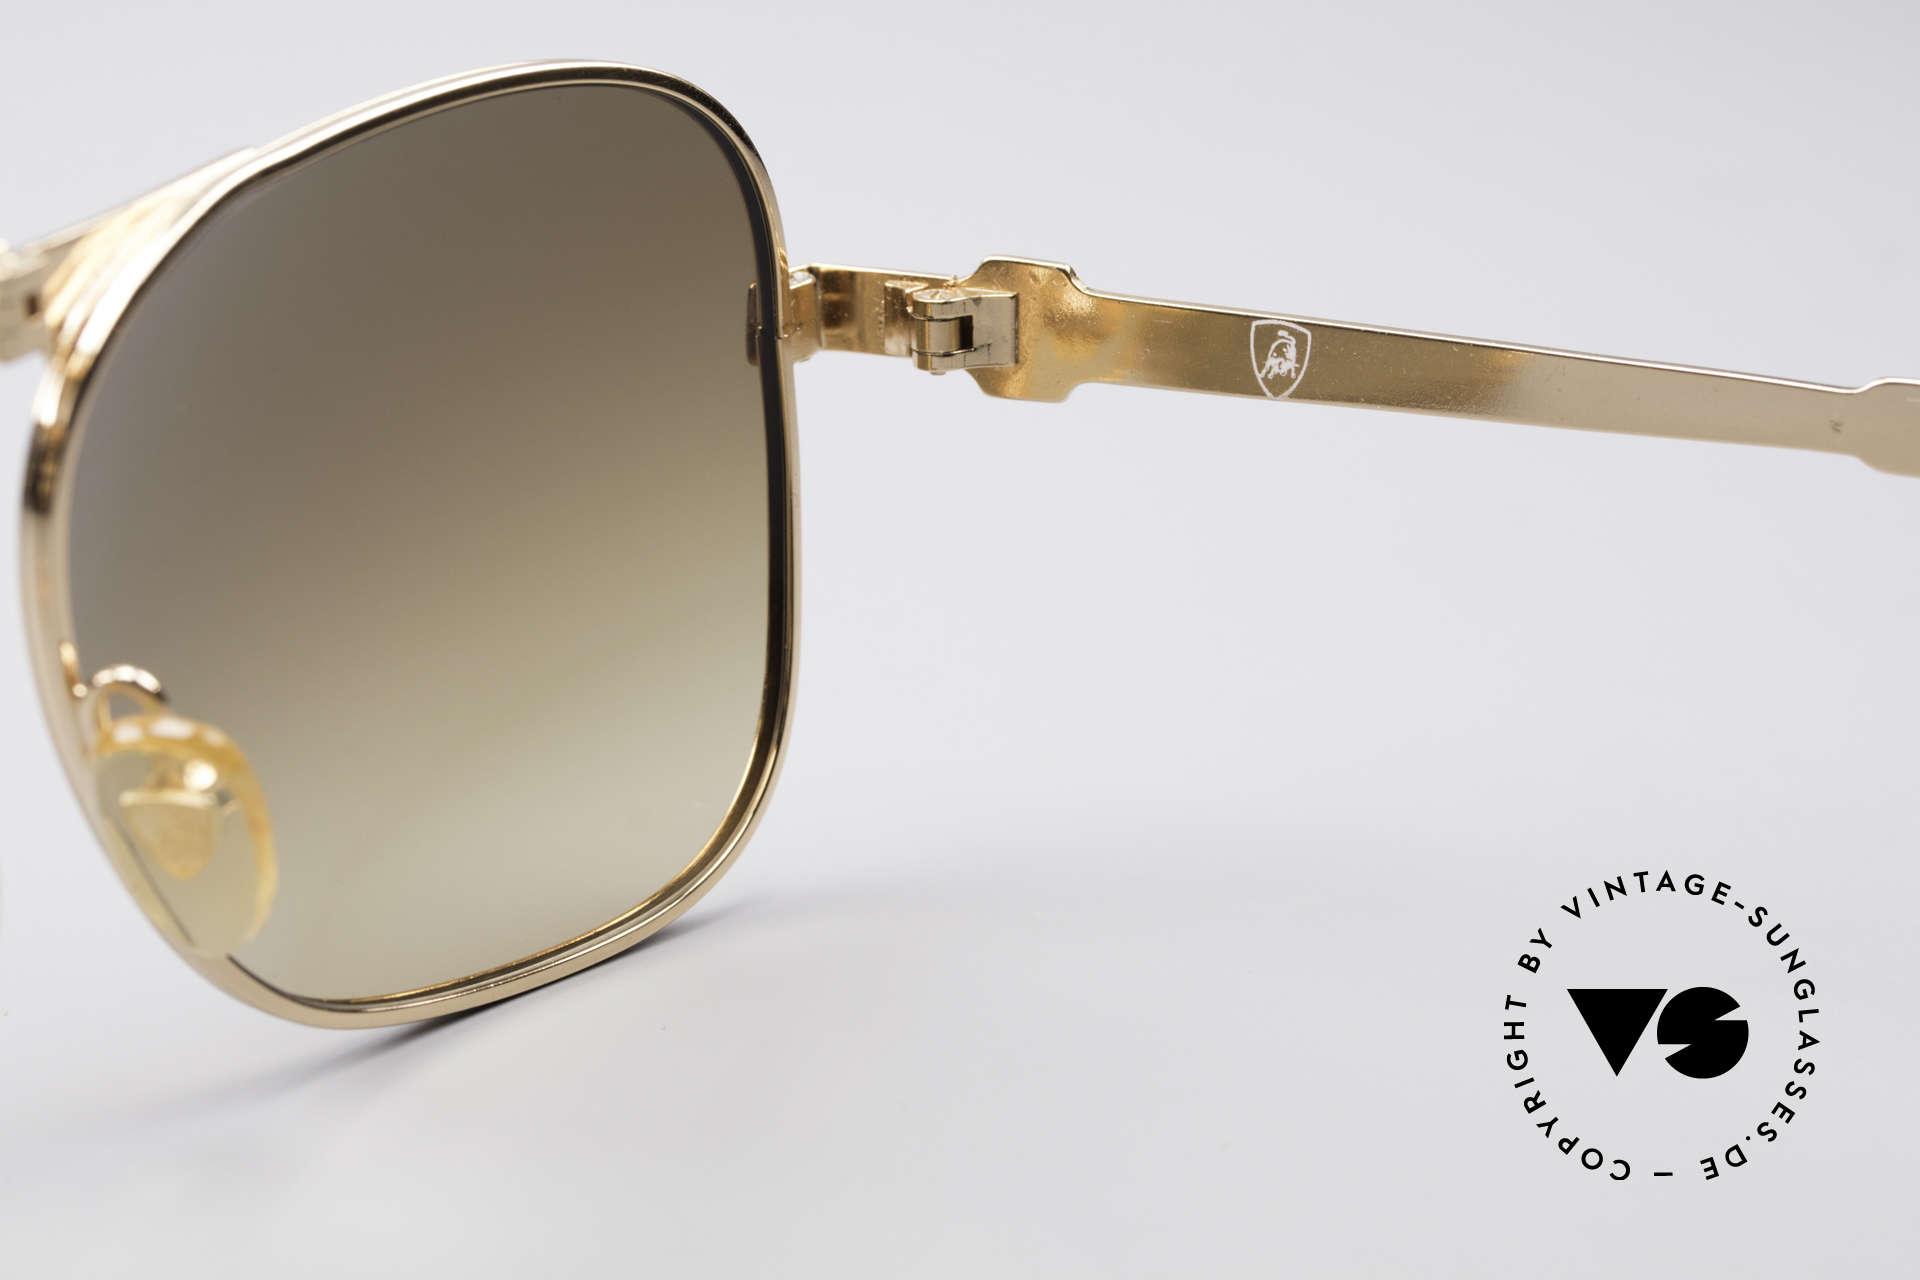 Lamborghini LT50/P Faltbare 80er Sonnenbrille, KEINE Retro-Sonnenbrille, sondern ein vintage ORIGINAL!, Passend für Herren